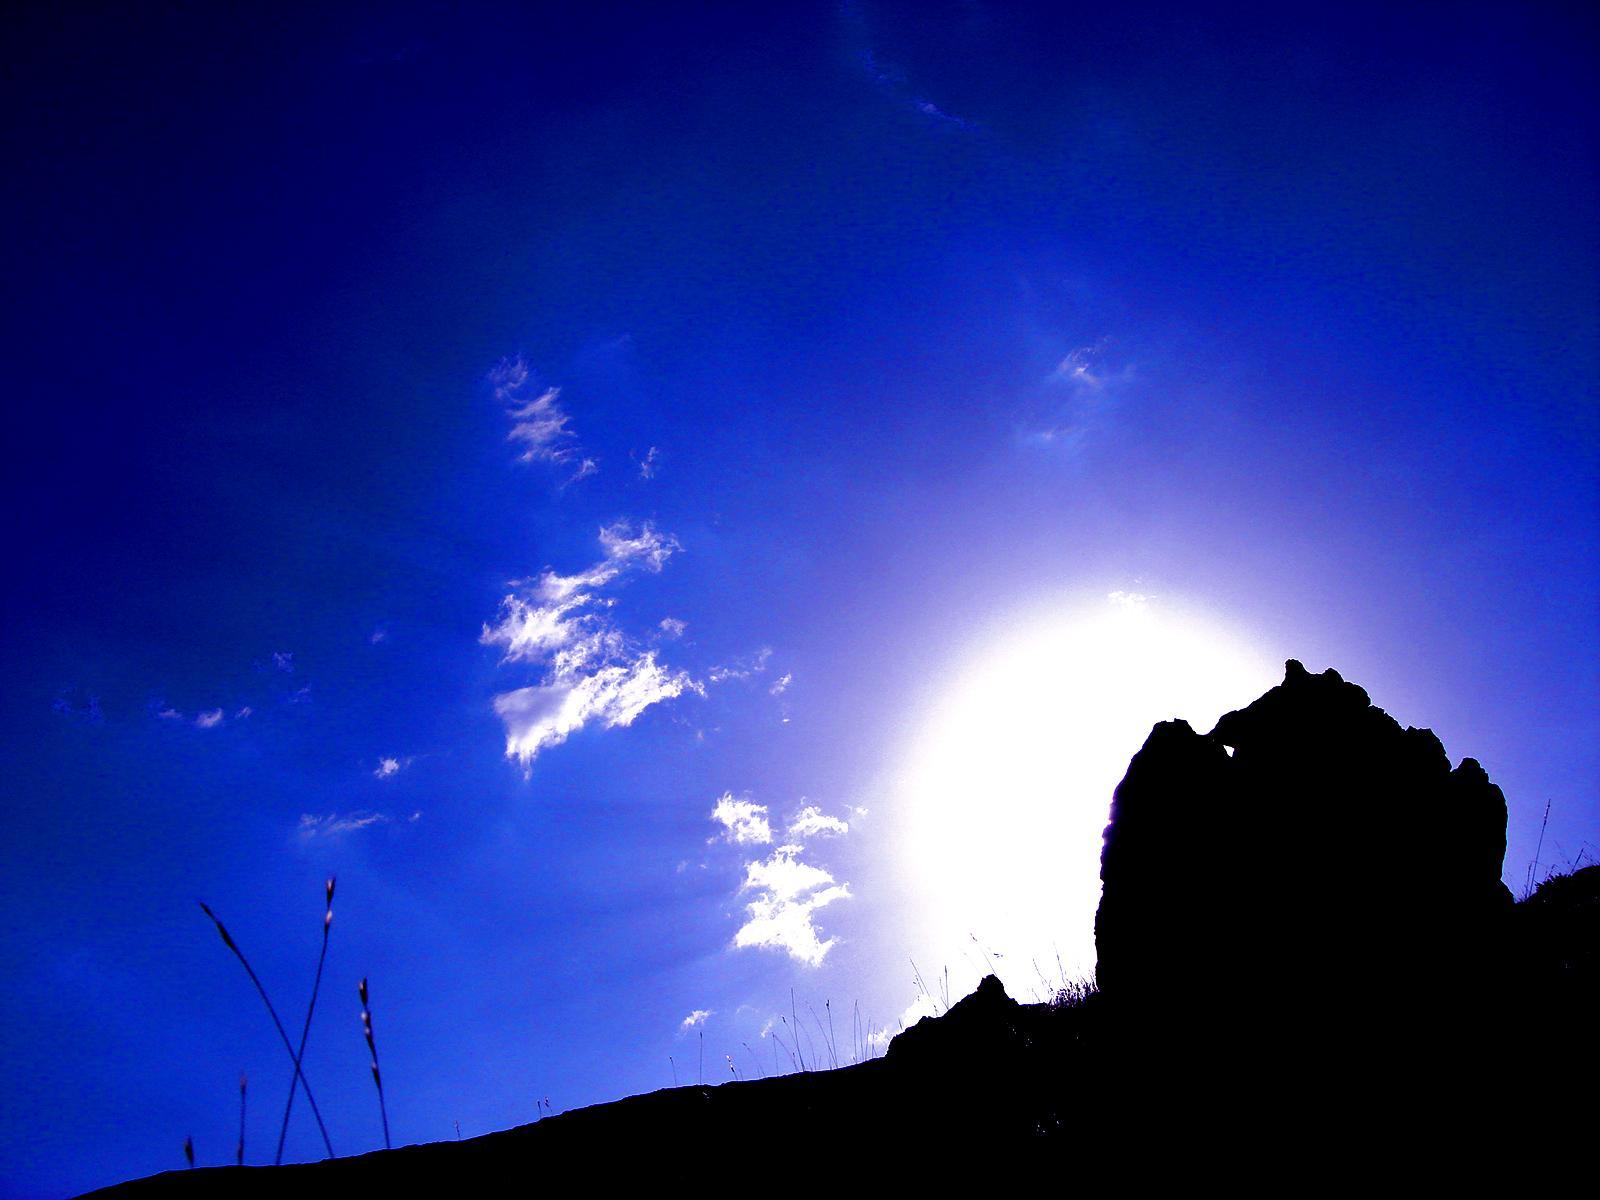 http://2.bp.blogspot.com/-IJrZ6NCvPVY/TnjlZ1i0maI/AAAAAAAAELg/JQDjwamPC_w/s1600/sunrise-wallpapers.jpg